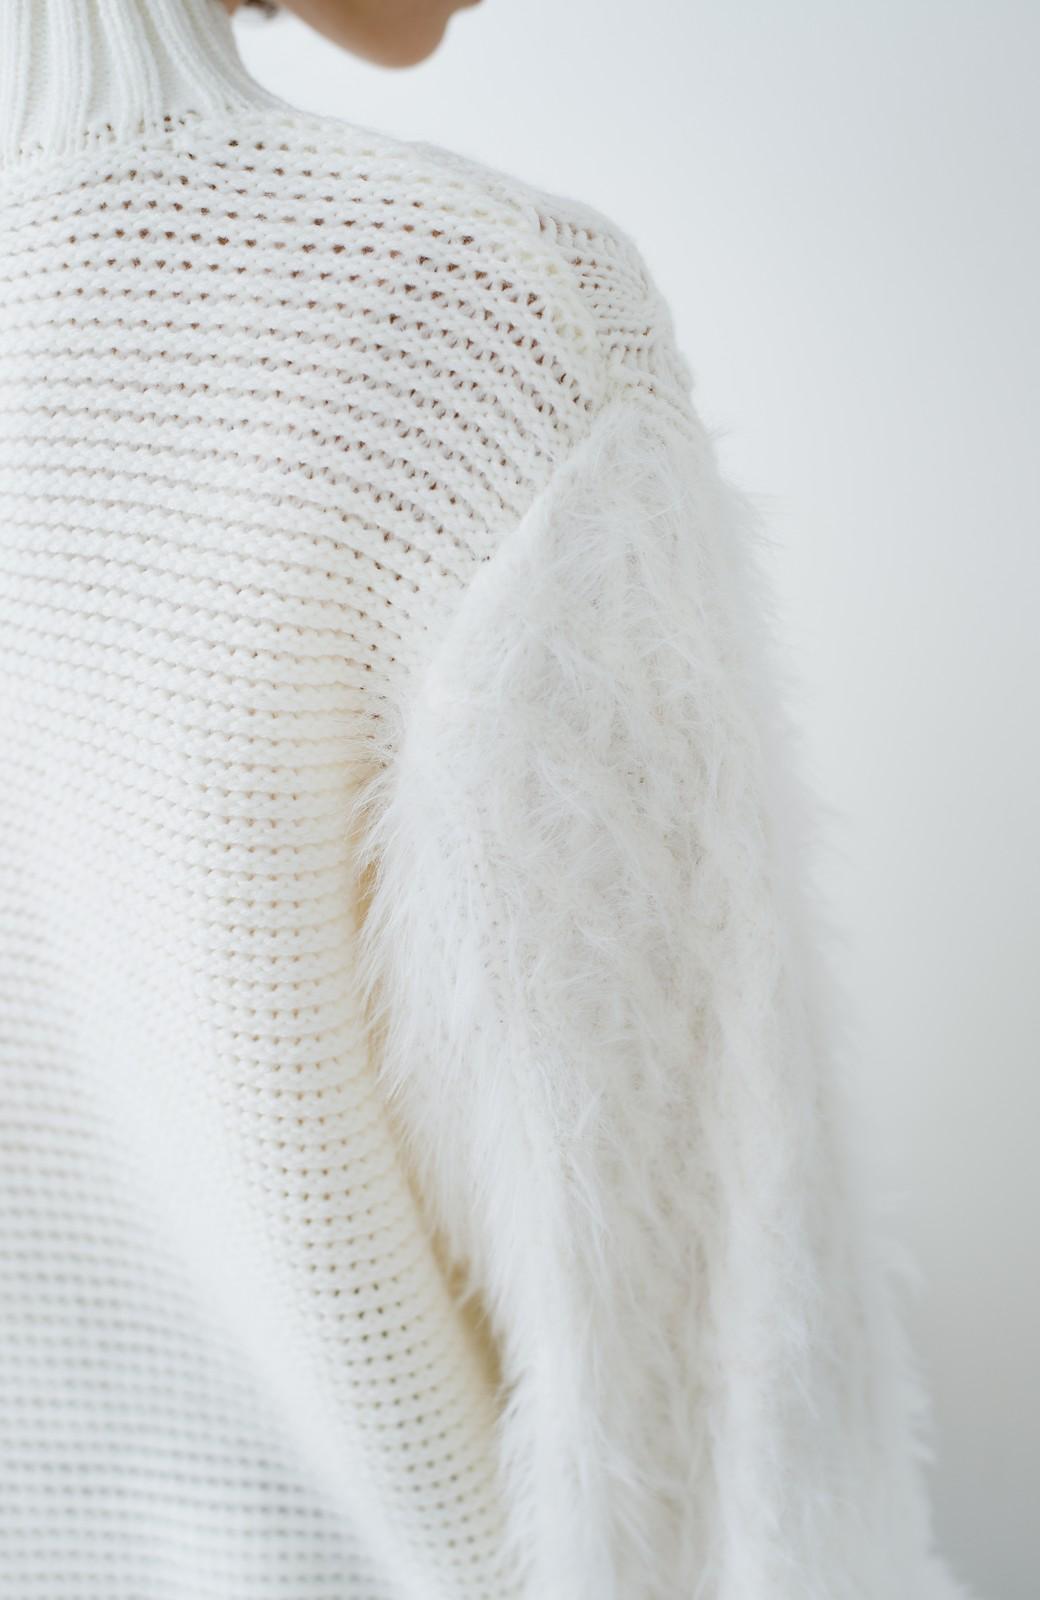 haco! ケーブル編みの袖フェザーヤーンニットトップス <ホワイト>の商品写真4